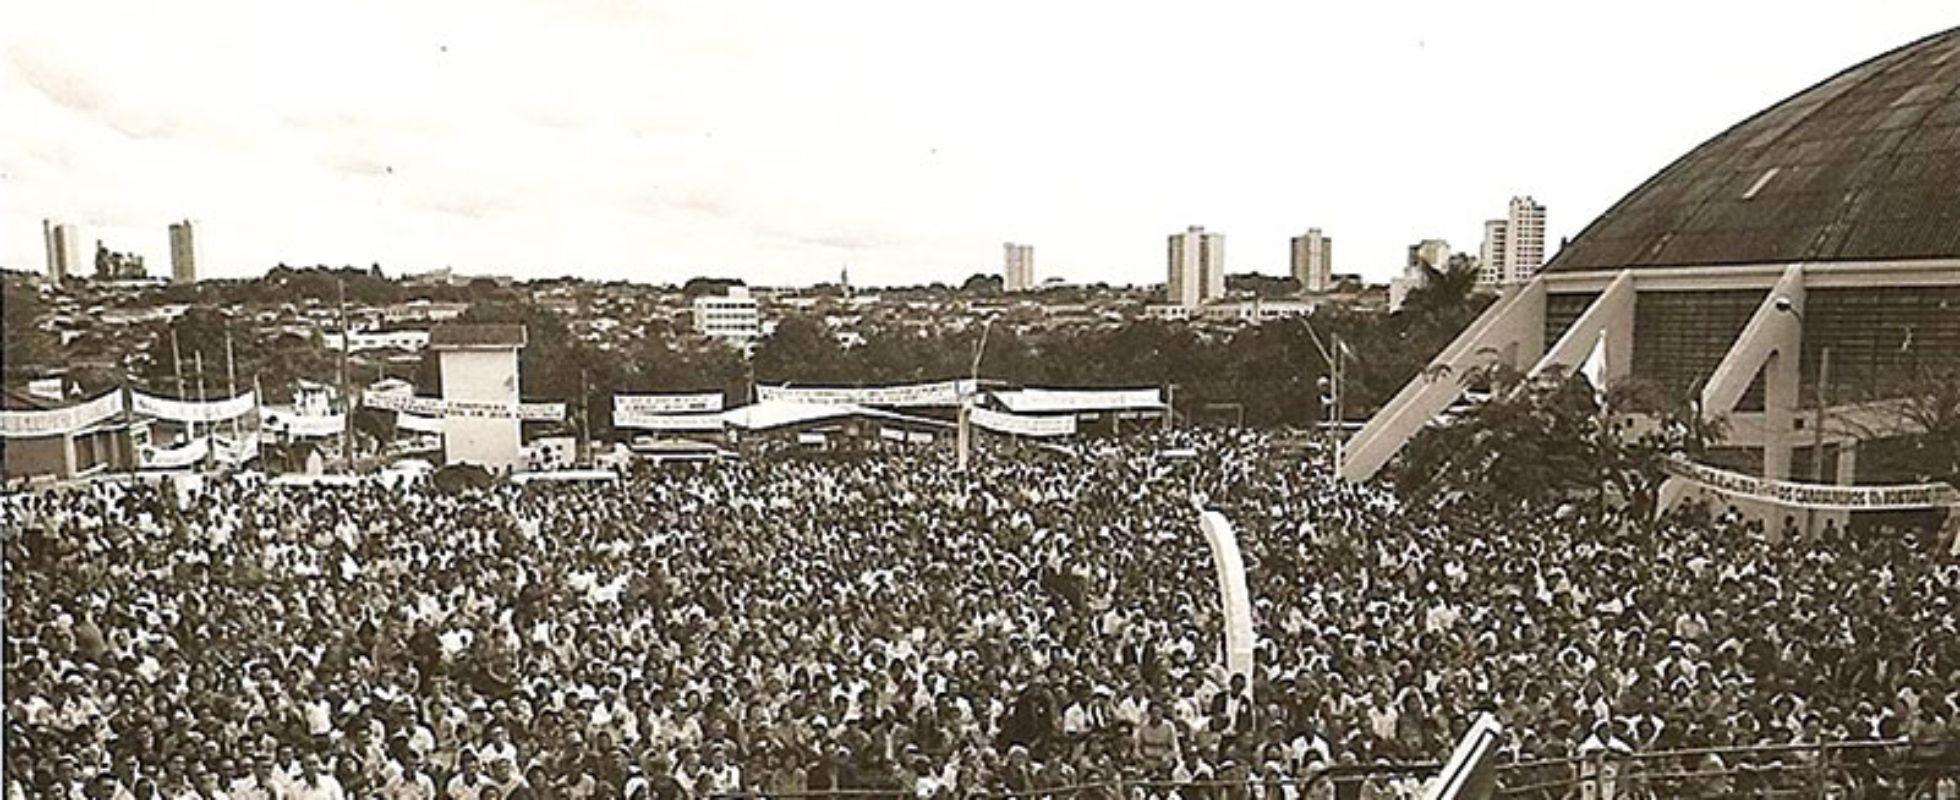 Vista parcial do povo que superlotou a Cava do Bosque para participar da Proclamação do Apocalipse de Jesus, feita pelo saudoso Irmão Alziro Zarur (1914-1979), em 1o de outubro de 1972, na cidade de Ribeirão Preto, SP. (foto Arquivo rJEC!)